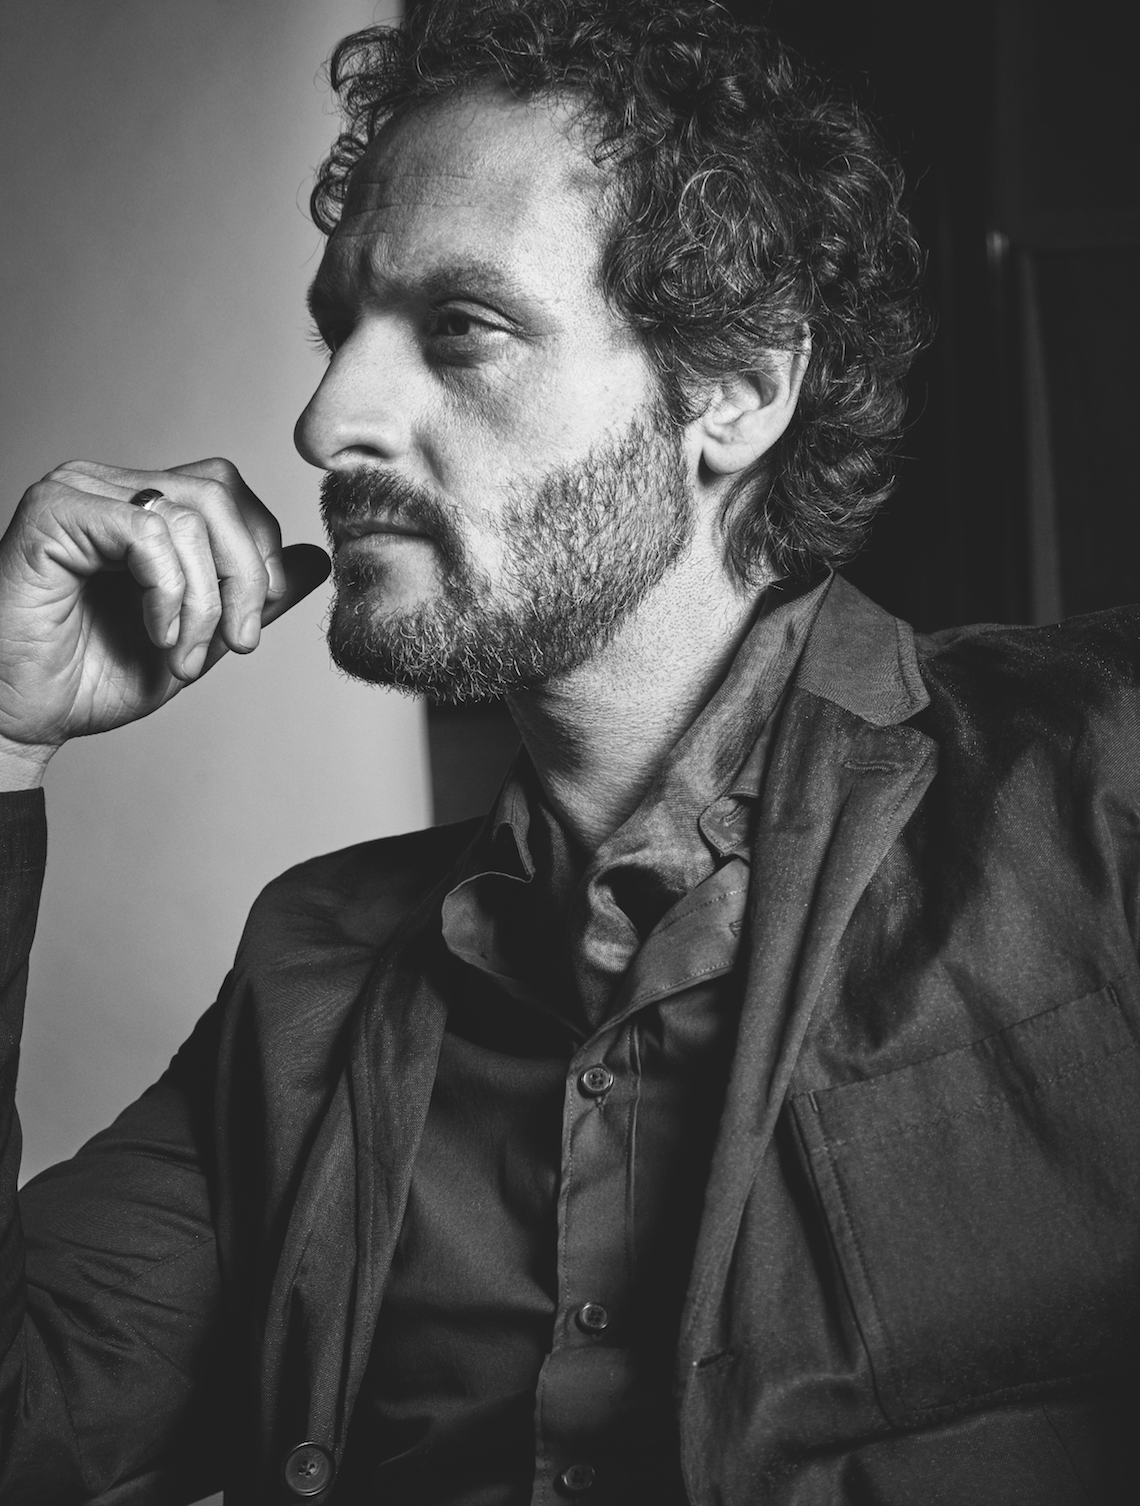 Fabio Troiano (GQ March 2016)